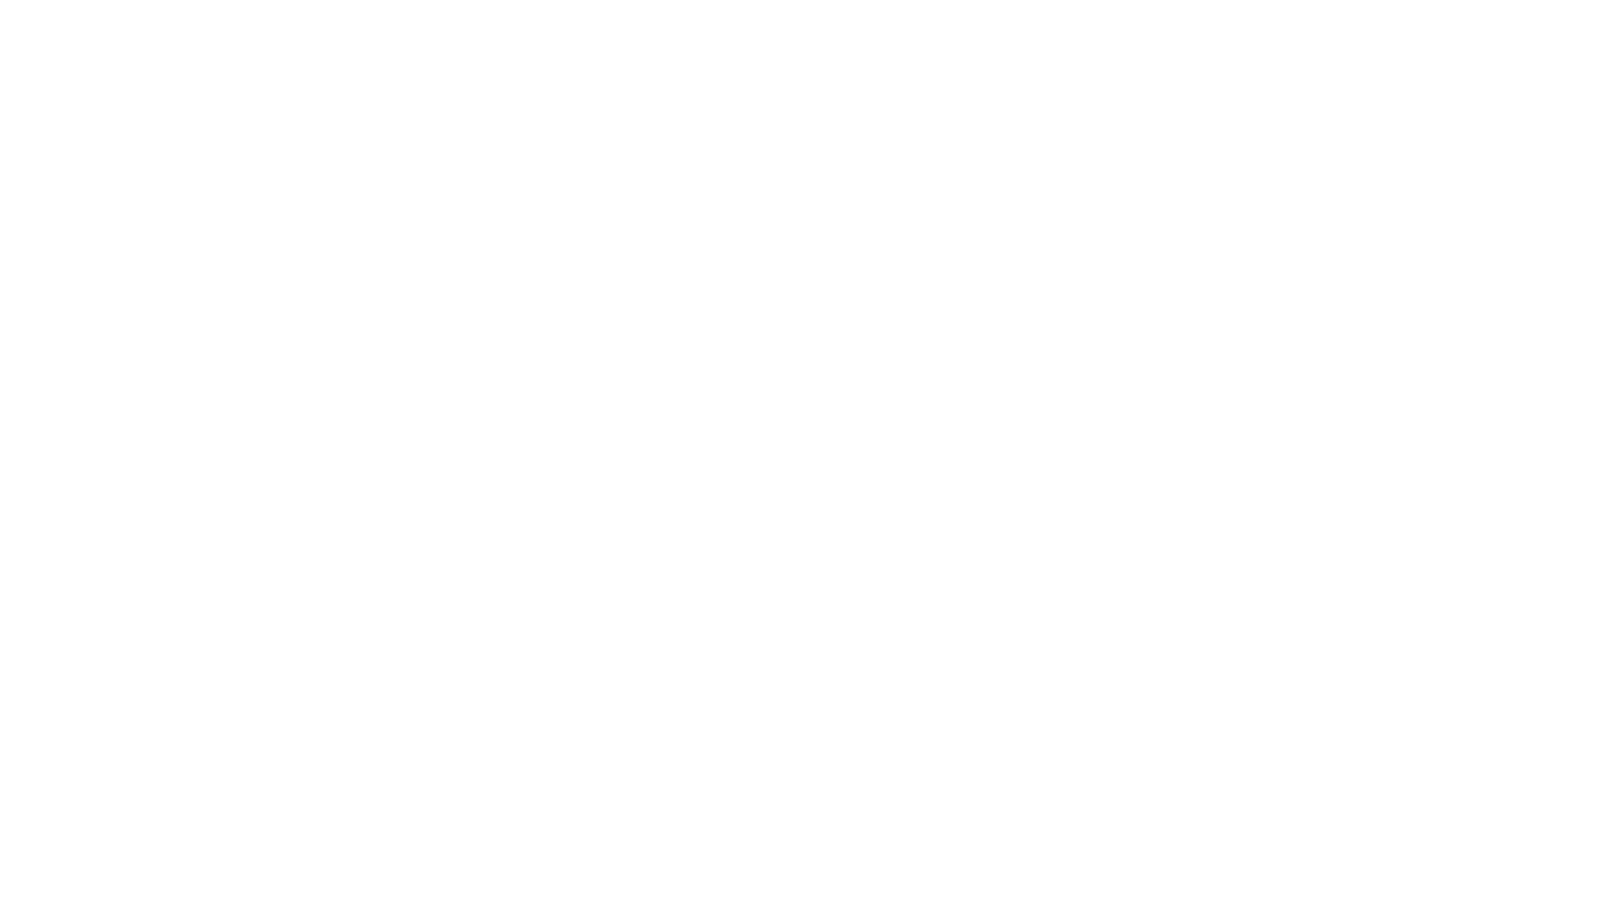 Tutorial cover da música Meu Abrigo no piano (Julia Vitoria e Hananiel Eduardo - Musile Records).  Mais sugestões ou dúvidas, deixe abaixo nos comentários.  Link da música: https://youtu.be/8Lev-ai2KUM  #JuliaVitoria #HananielEduardo #MeuAbrigo  Interpretado por: Tom Chaves Gravado e editado por: Studio Web chaves  Piano Korg SP-170S Software: Camtasia Studio e Sony Sound Forge  Adquira nossa vídeo aula de teclado tocando através das cifras: https://www.udemy.com/video-aula-swc-triades-no-teclado  Site: studiowebchaves.com.br  Siga-nos nas redes sociais:  Studio Web Chaves no Facebook:  https://www.facebook.com/studiowebchaves/  Tom Chaves: https://www.facebook.com/everton.pchaves https://www.instagram.com/evertonpchaves/   Letra:  Que a minha vida Seja mais que uma canção Uma só voz  Que a minha vida seja assim Uma entrega a Ti  Minha adoração  Eu Te amo mais que tudo que há em mim Eu Te amo, Tu és tudo para mim Não há outro como Tu Não há outro como Tu  Tu és o meu abrigo E tudo o que eu preciso Só encontro em Ti  Socorro bem presente O meu melhor amigo Aquele que morreu Só por me amar   Sim, eu sei que esse amor não mudará  Mas pra sempre viverá Aqui dentro de mim  Sim, eu sei que o dia chegará Com os anjos vou cantar Santo, Santo é o Senhor!  Composição: Julia Vitoria e Hananiel Eduardo